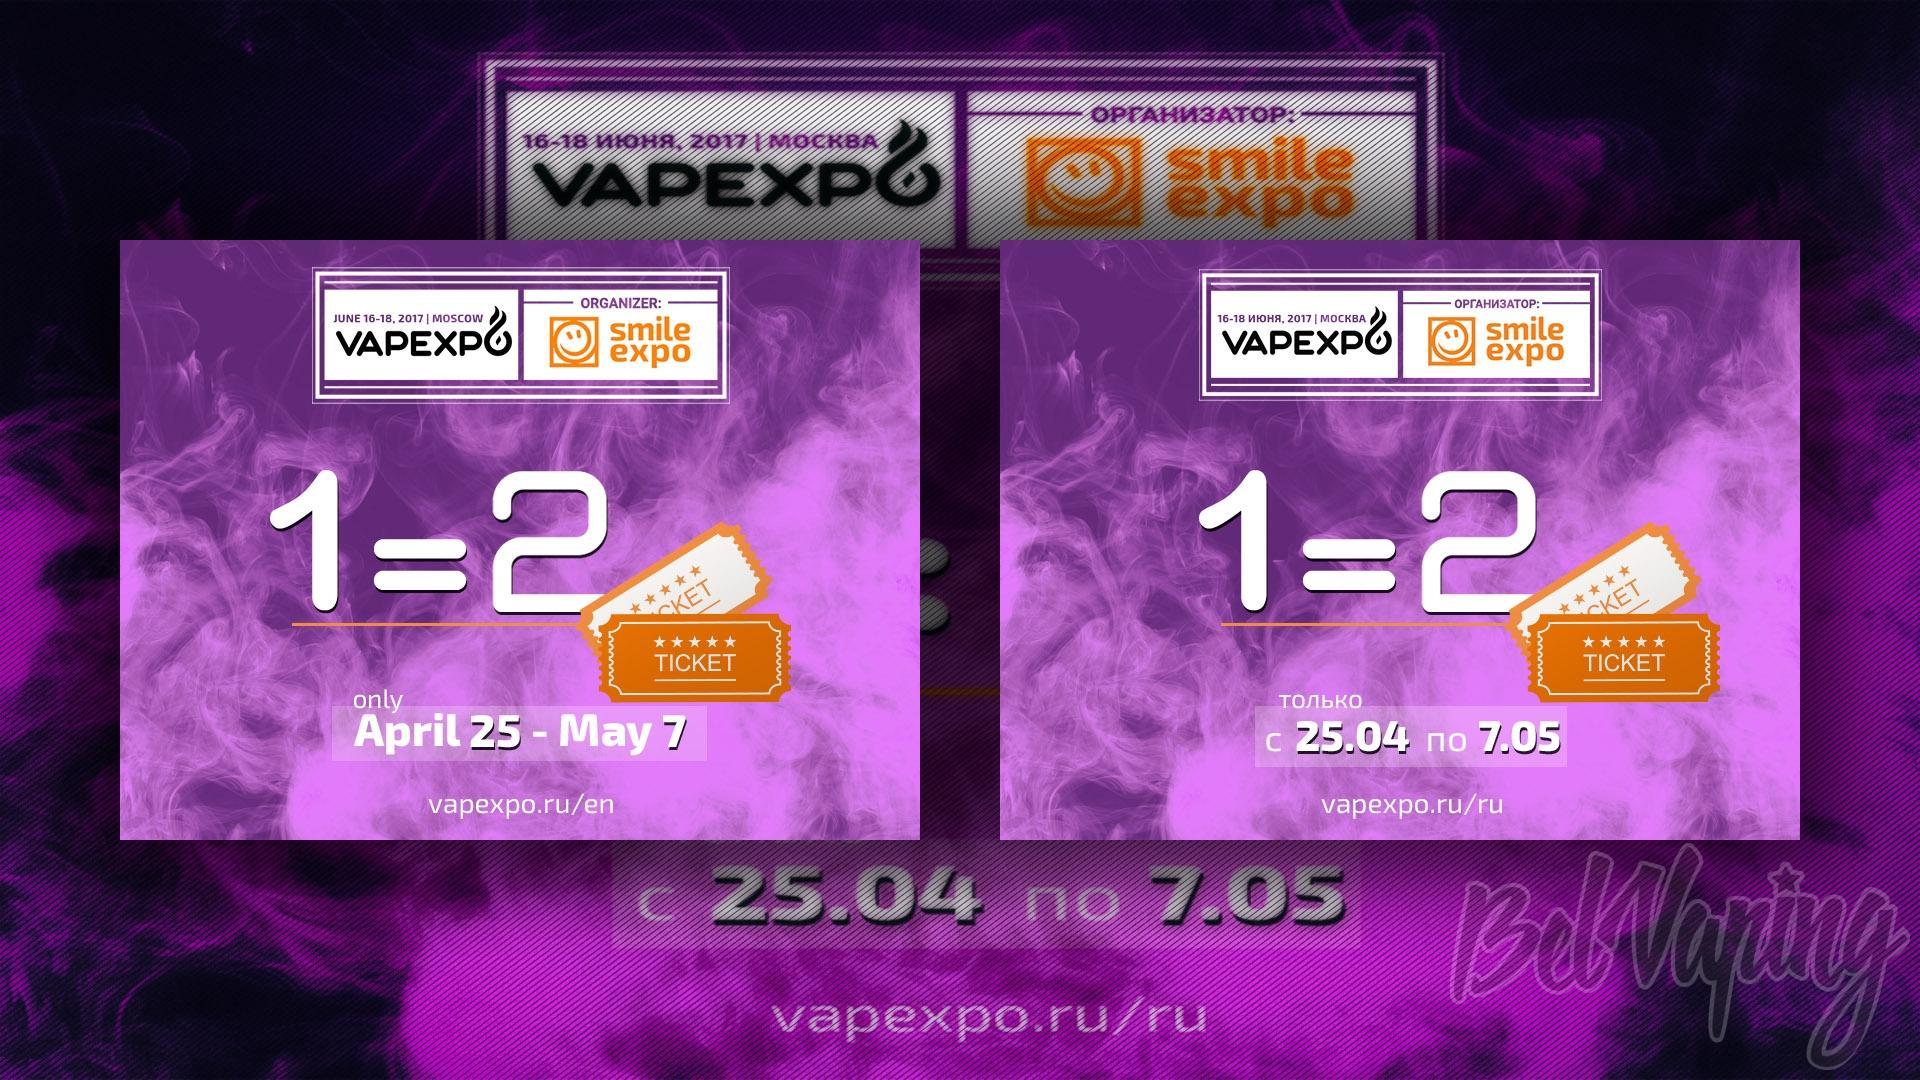 VAPEXPO Moscow 2017: каждый второй билет на выставку – в подарок